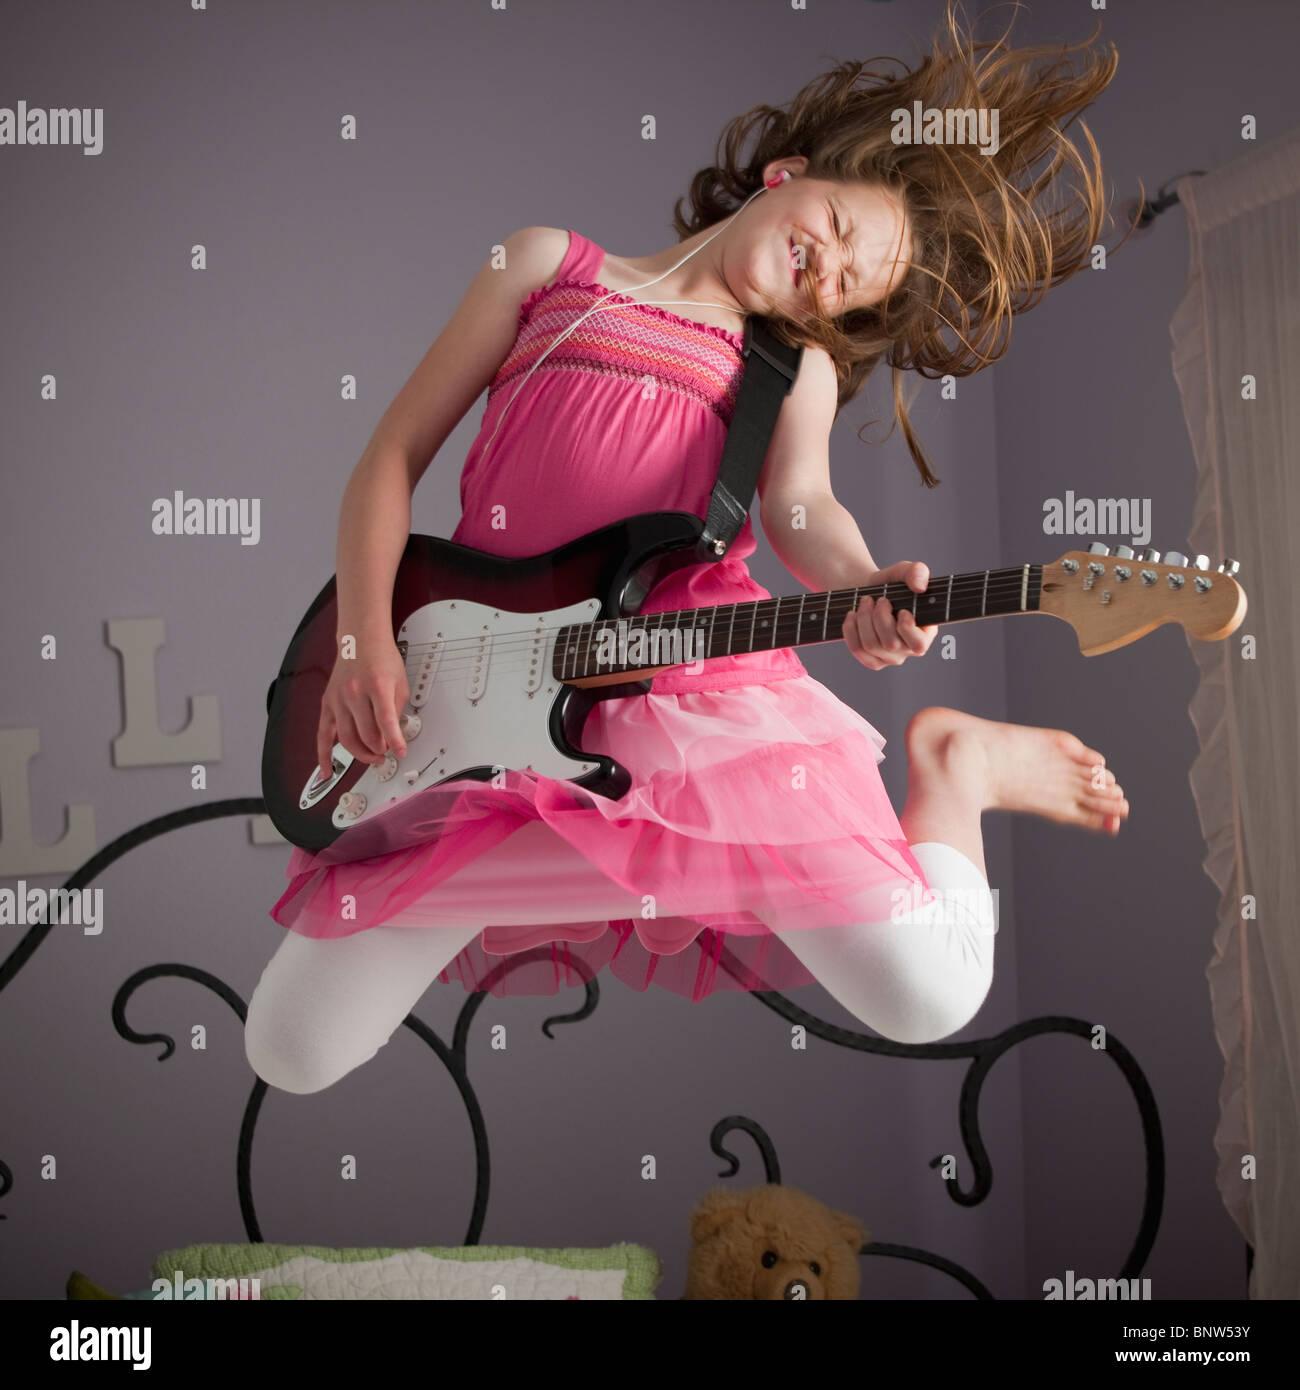 Les jeunes filles à jouer de la guitare sur son lit Photo Stock